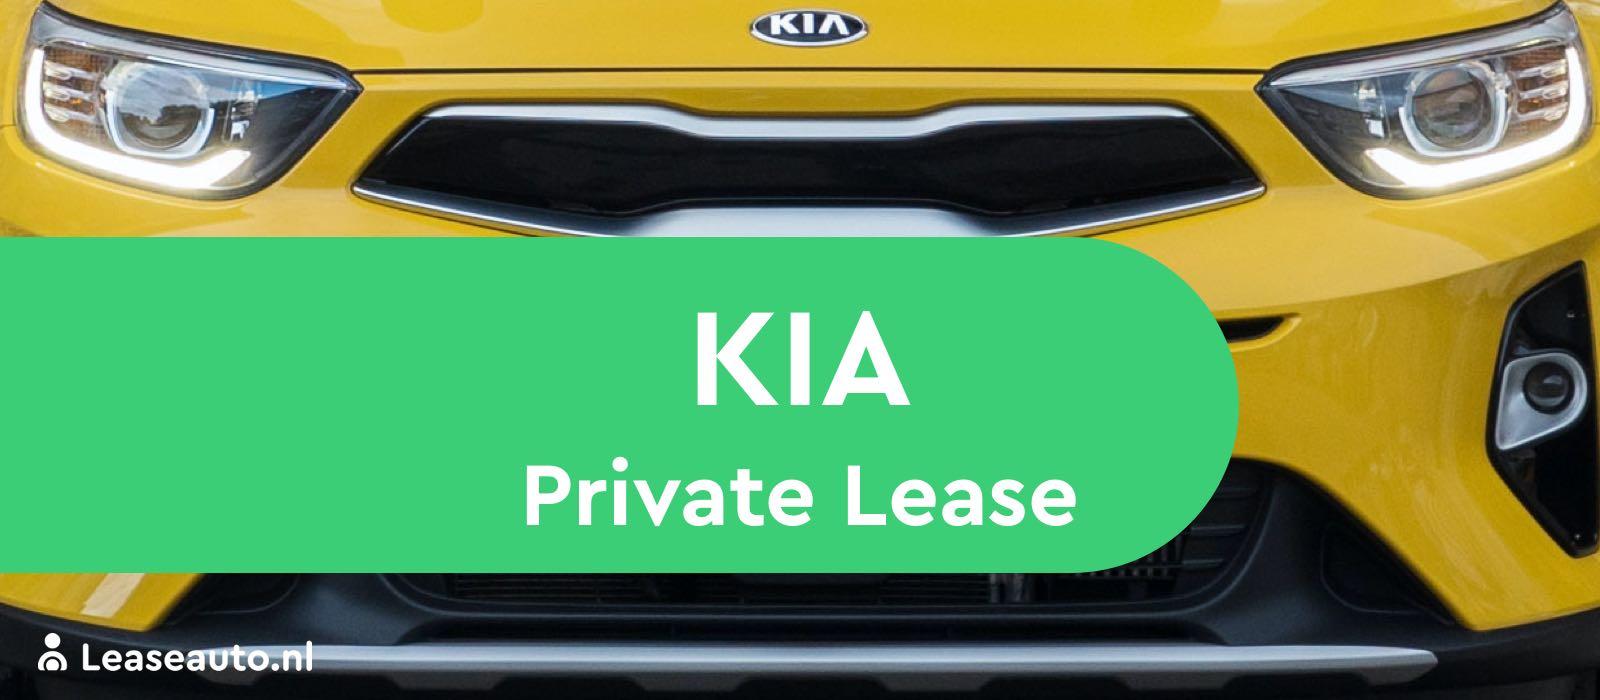 Kia Private Lease